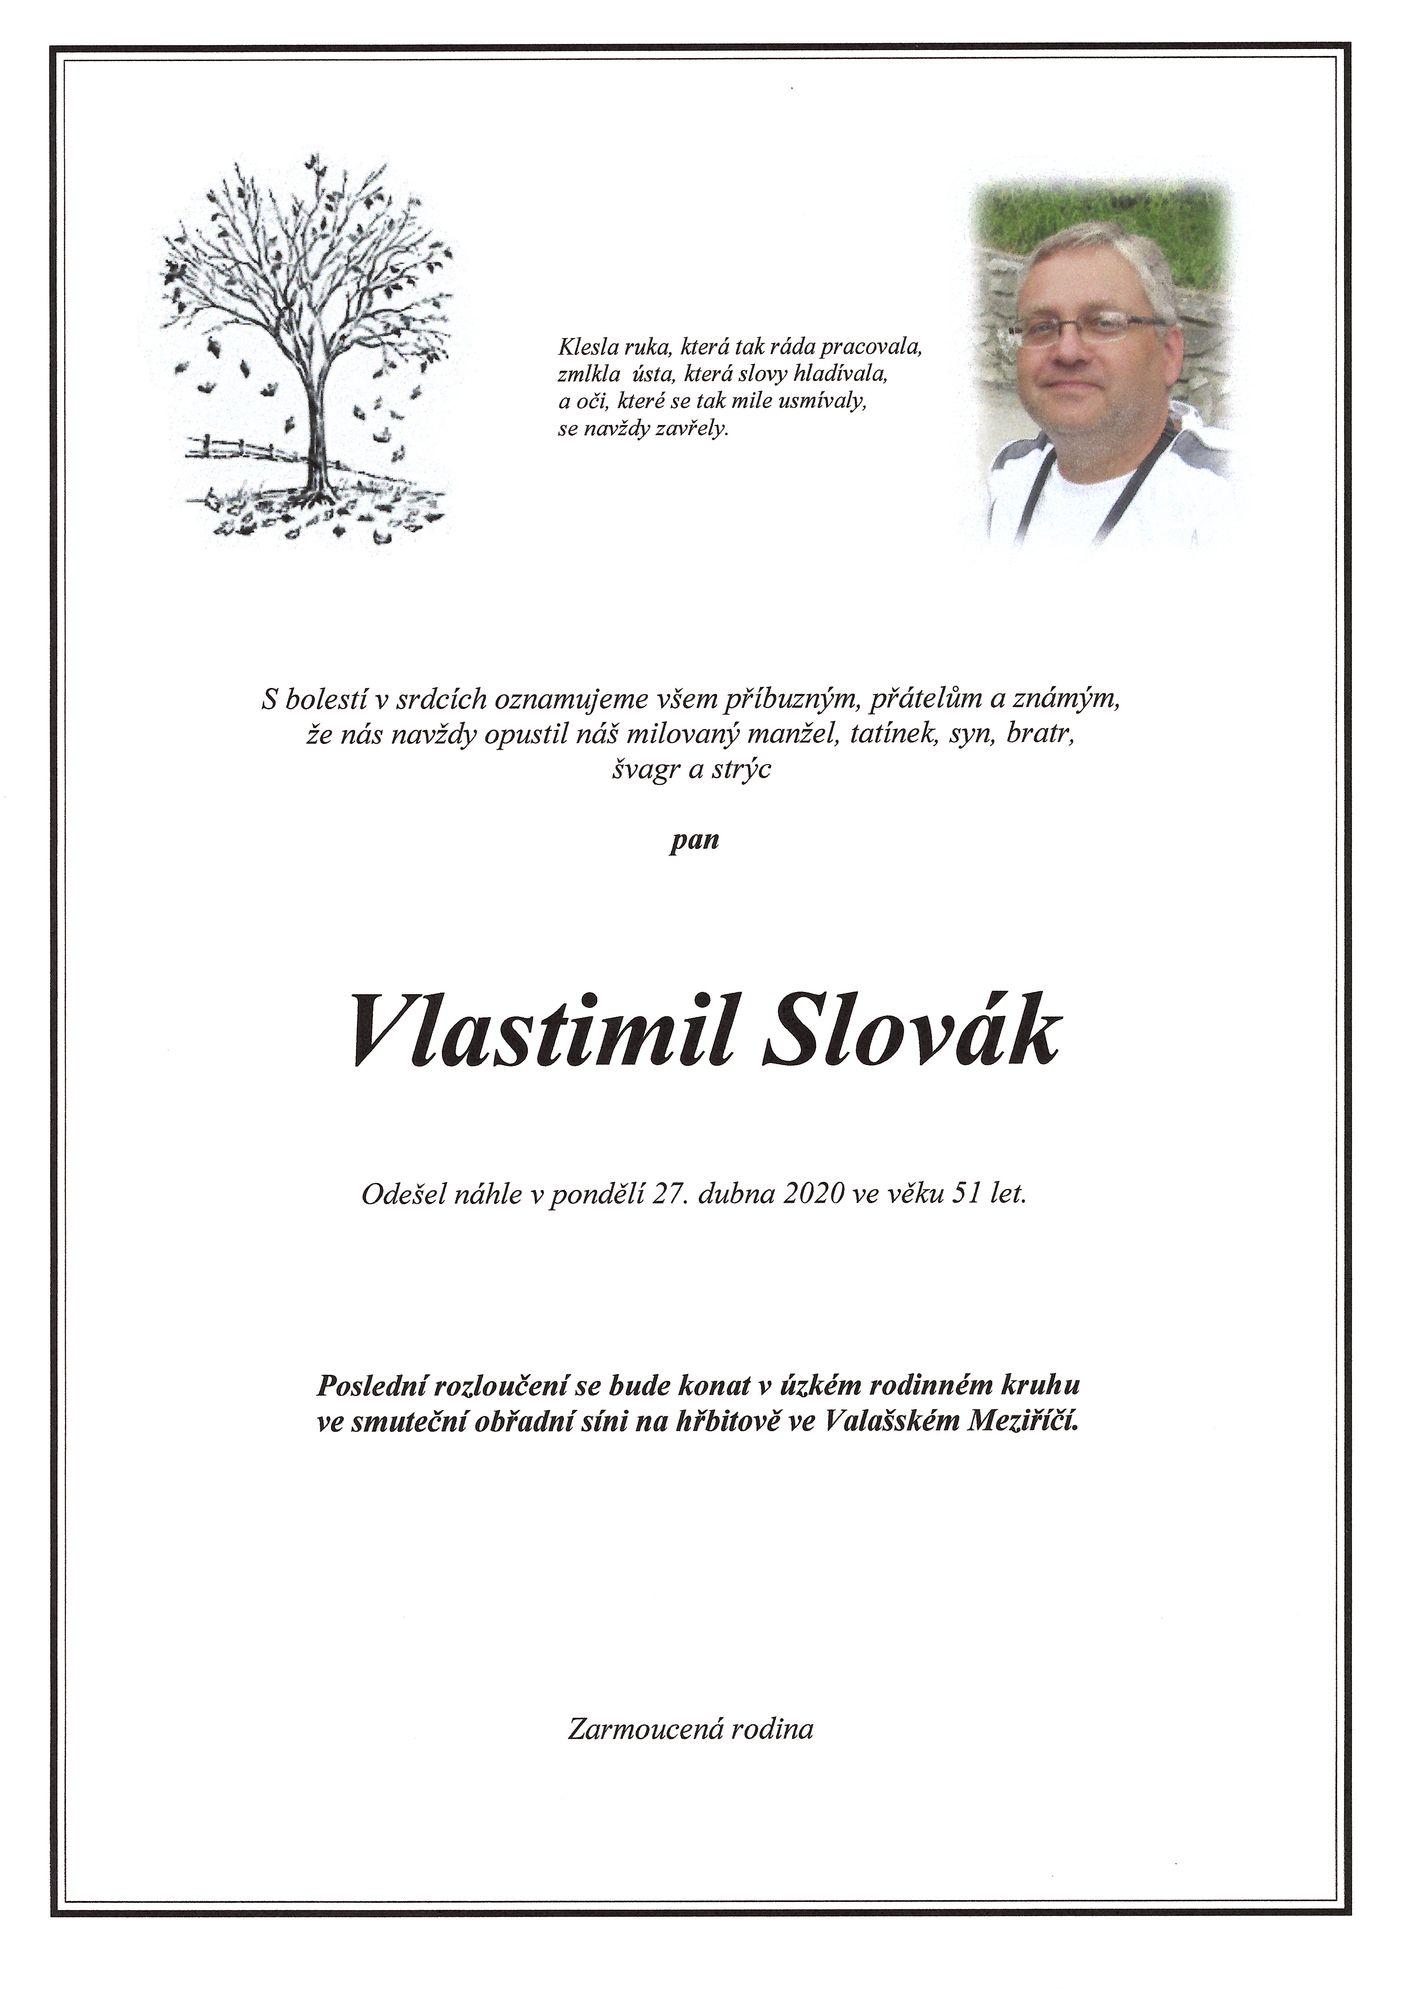 Vlastimil Slovák